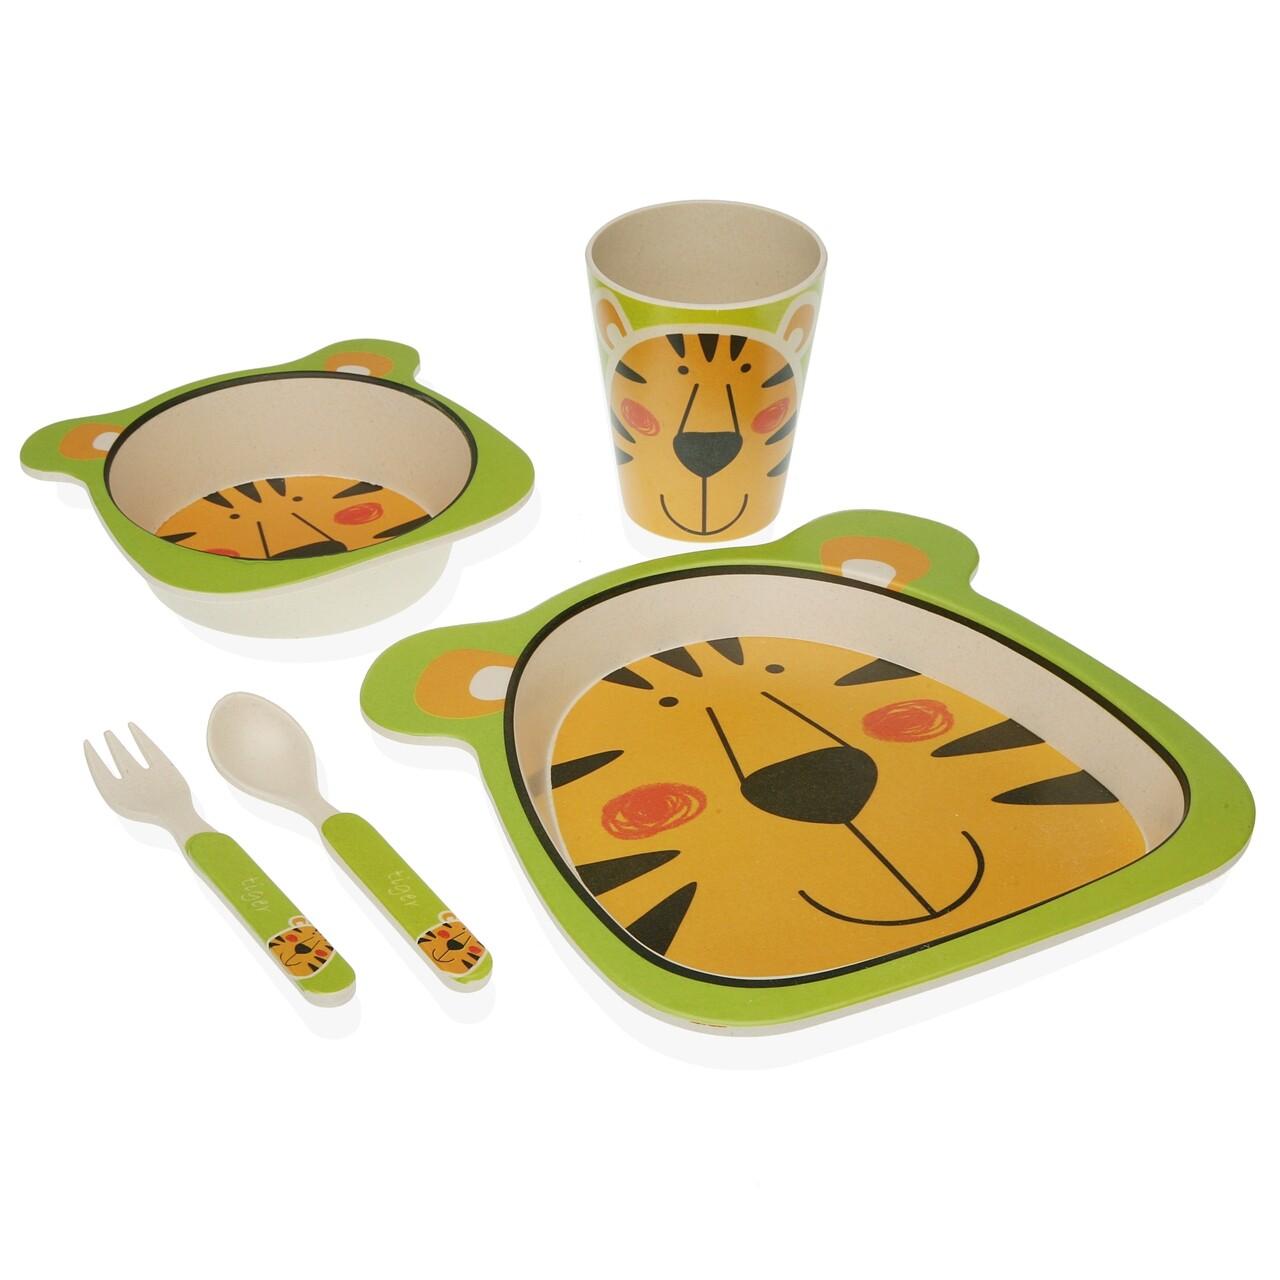 Set de masa pentru copii, 5 piese, Versa, Tiger, fibra de bambus, multicolor